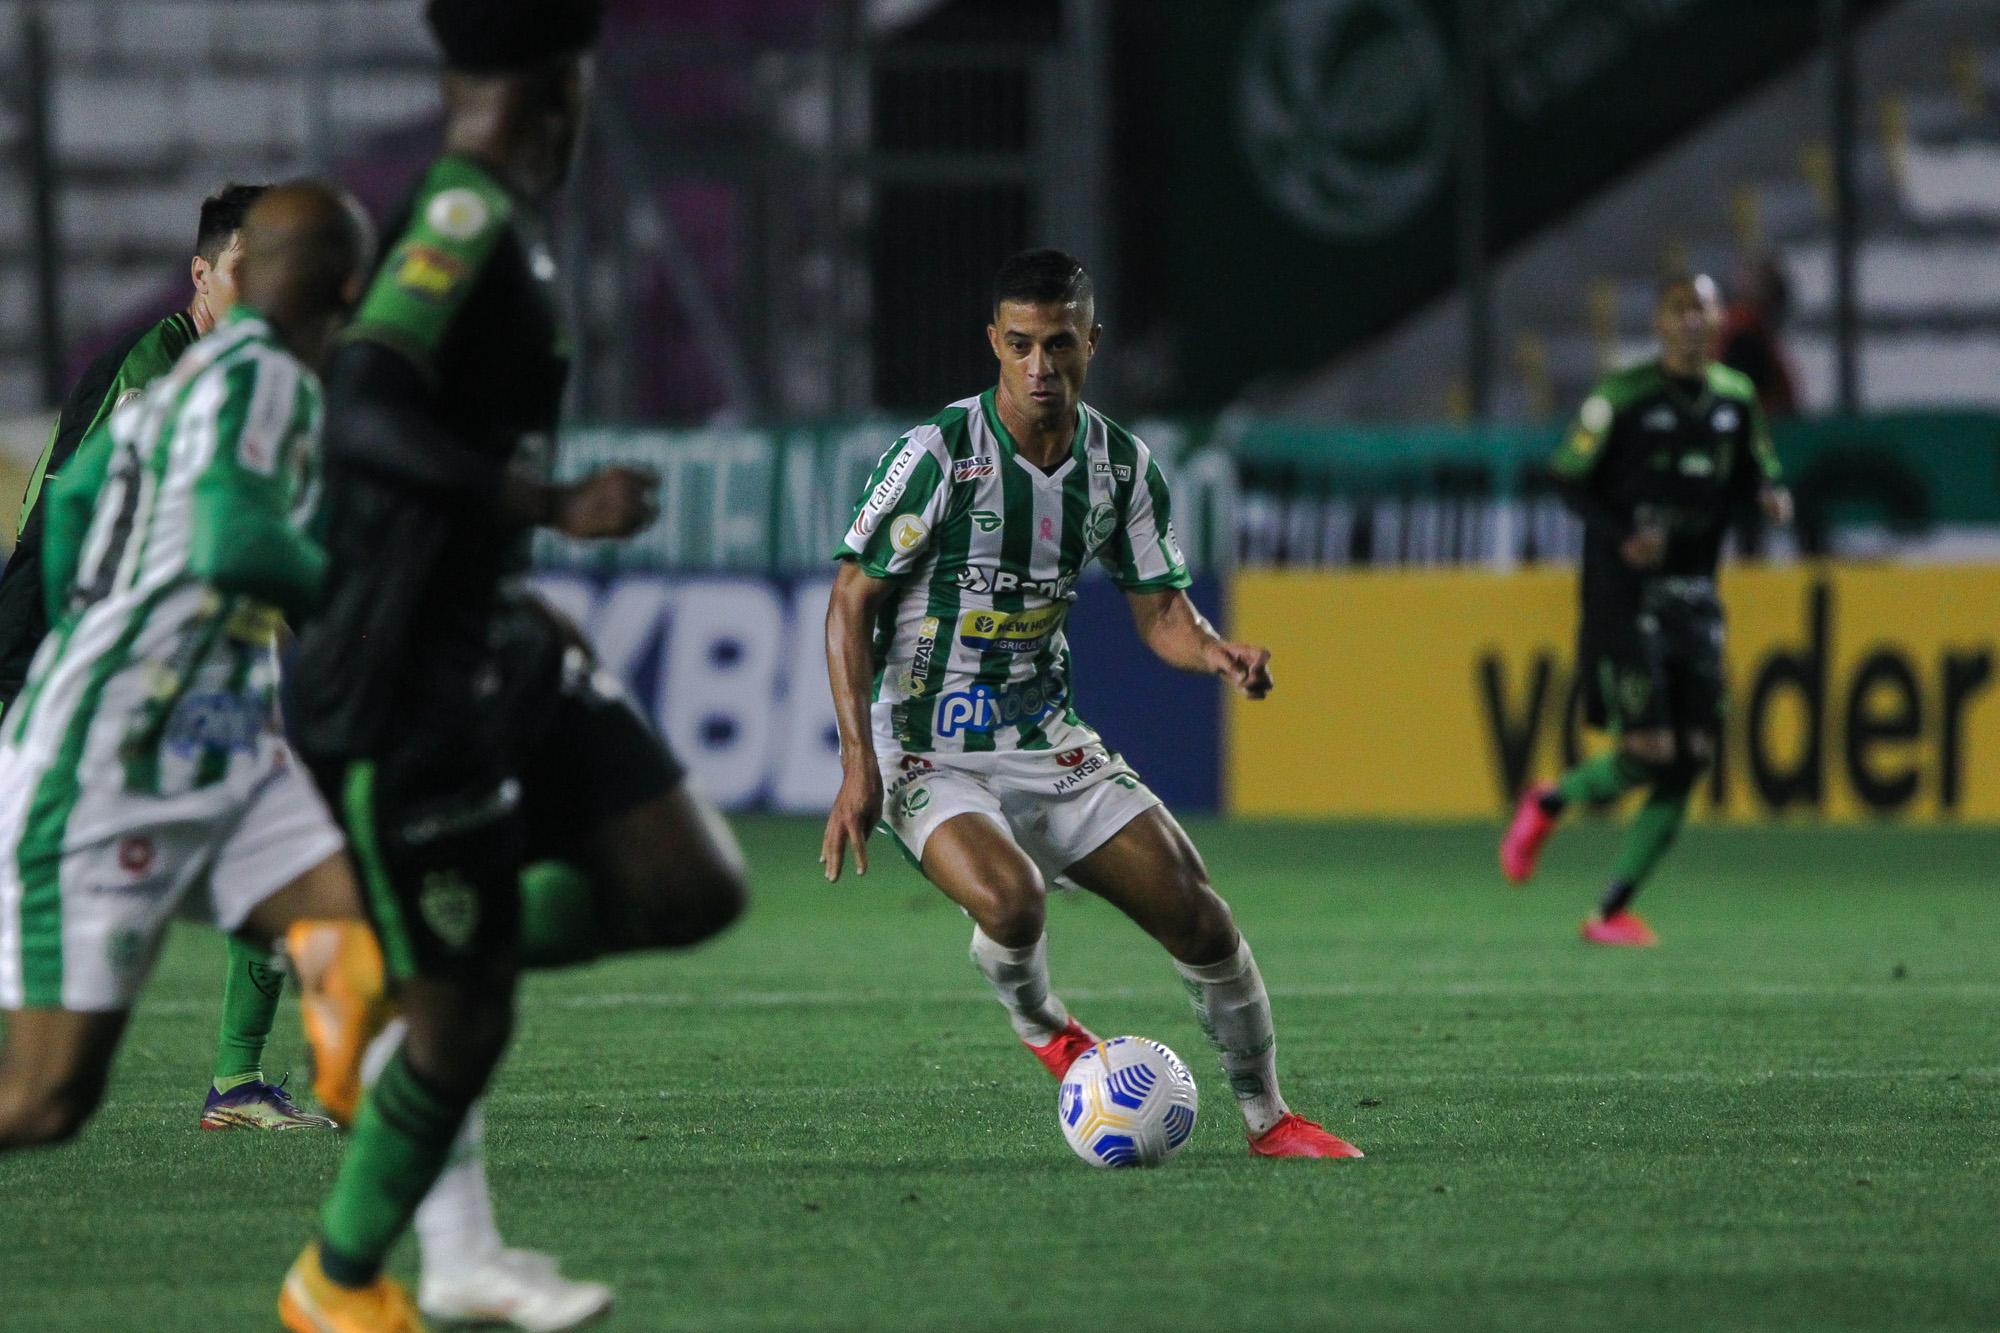 Na volta da torcida ao Jaconi, Juventude fica no empate contra o América